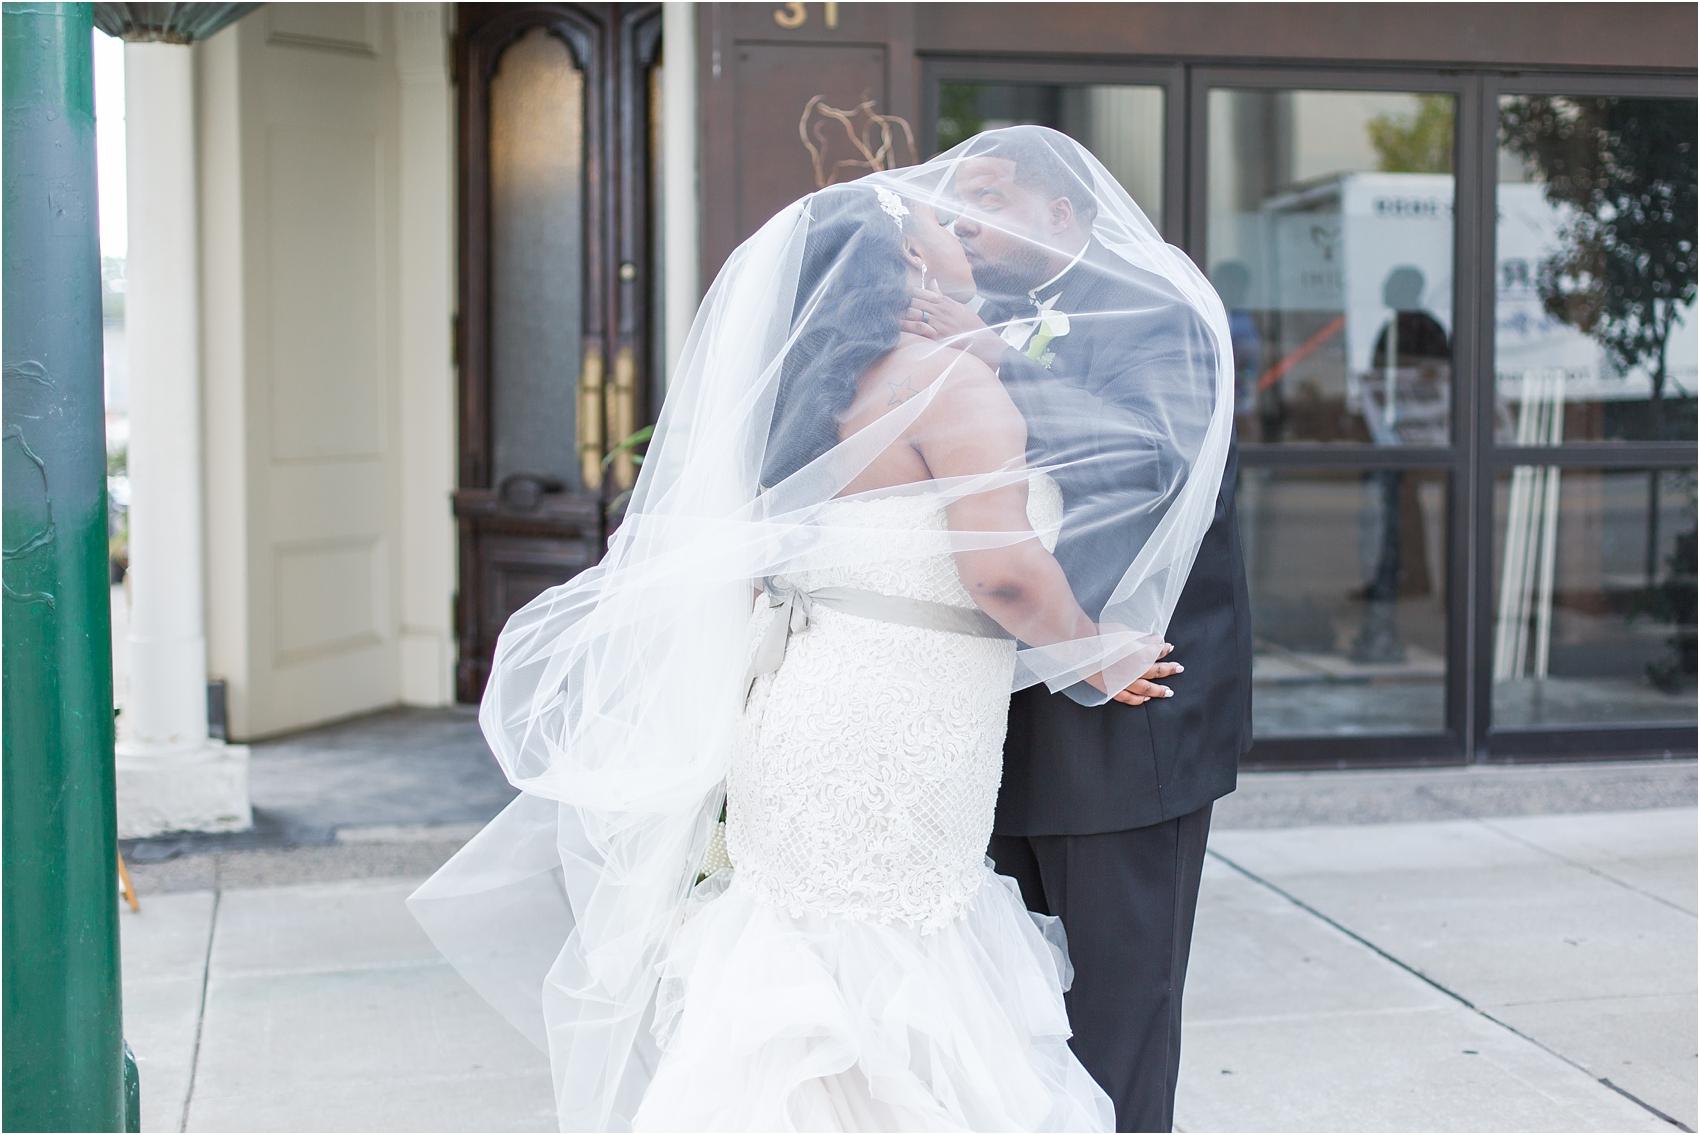 minimalist-and-modern-wedding-photos-at-30-north-saginaw-in-pontiac-michigan-by-courtney-carolyn-photography_0054.jpg